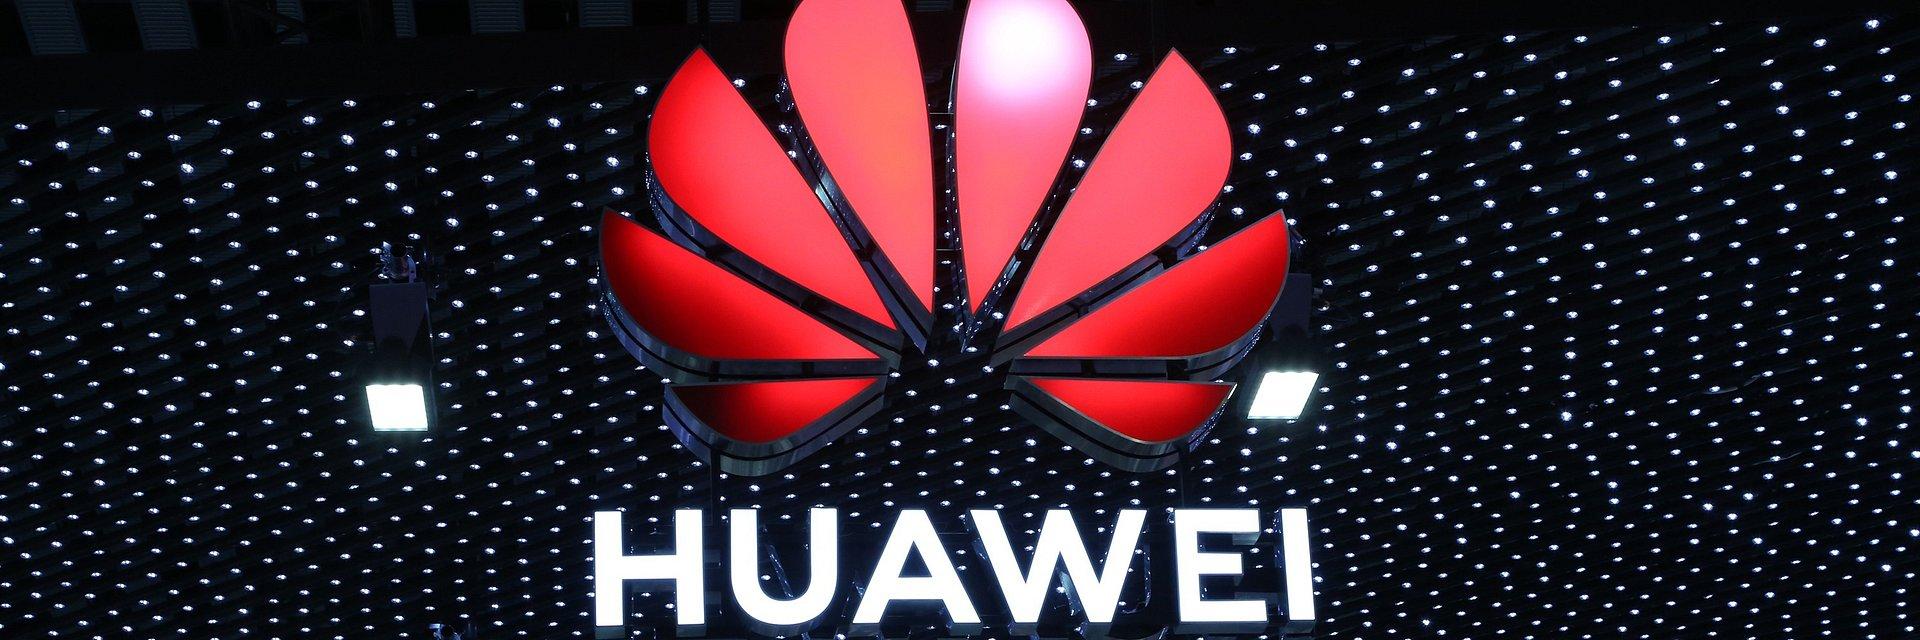 [Wideo] Jiang Xisheng wyjaśnia strukturę własności Huawei